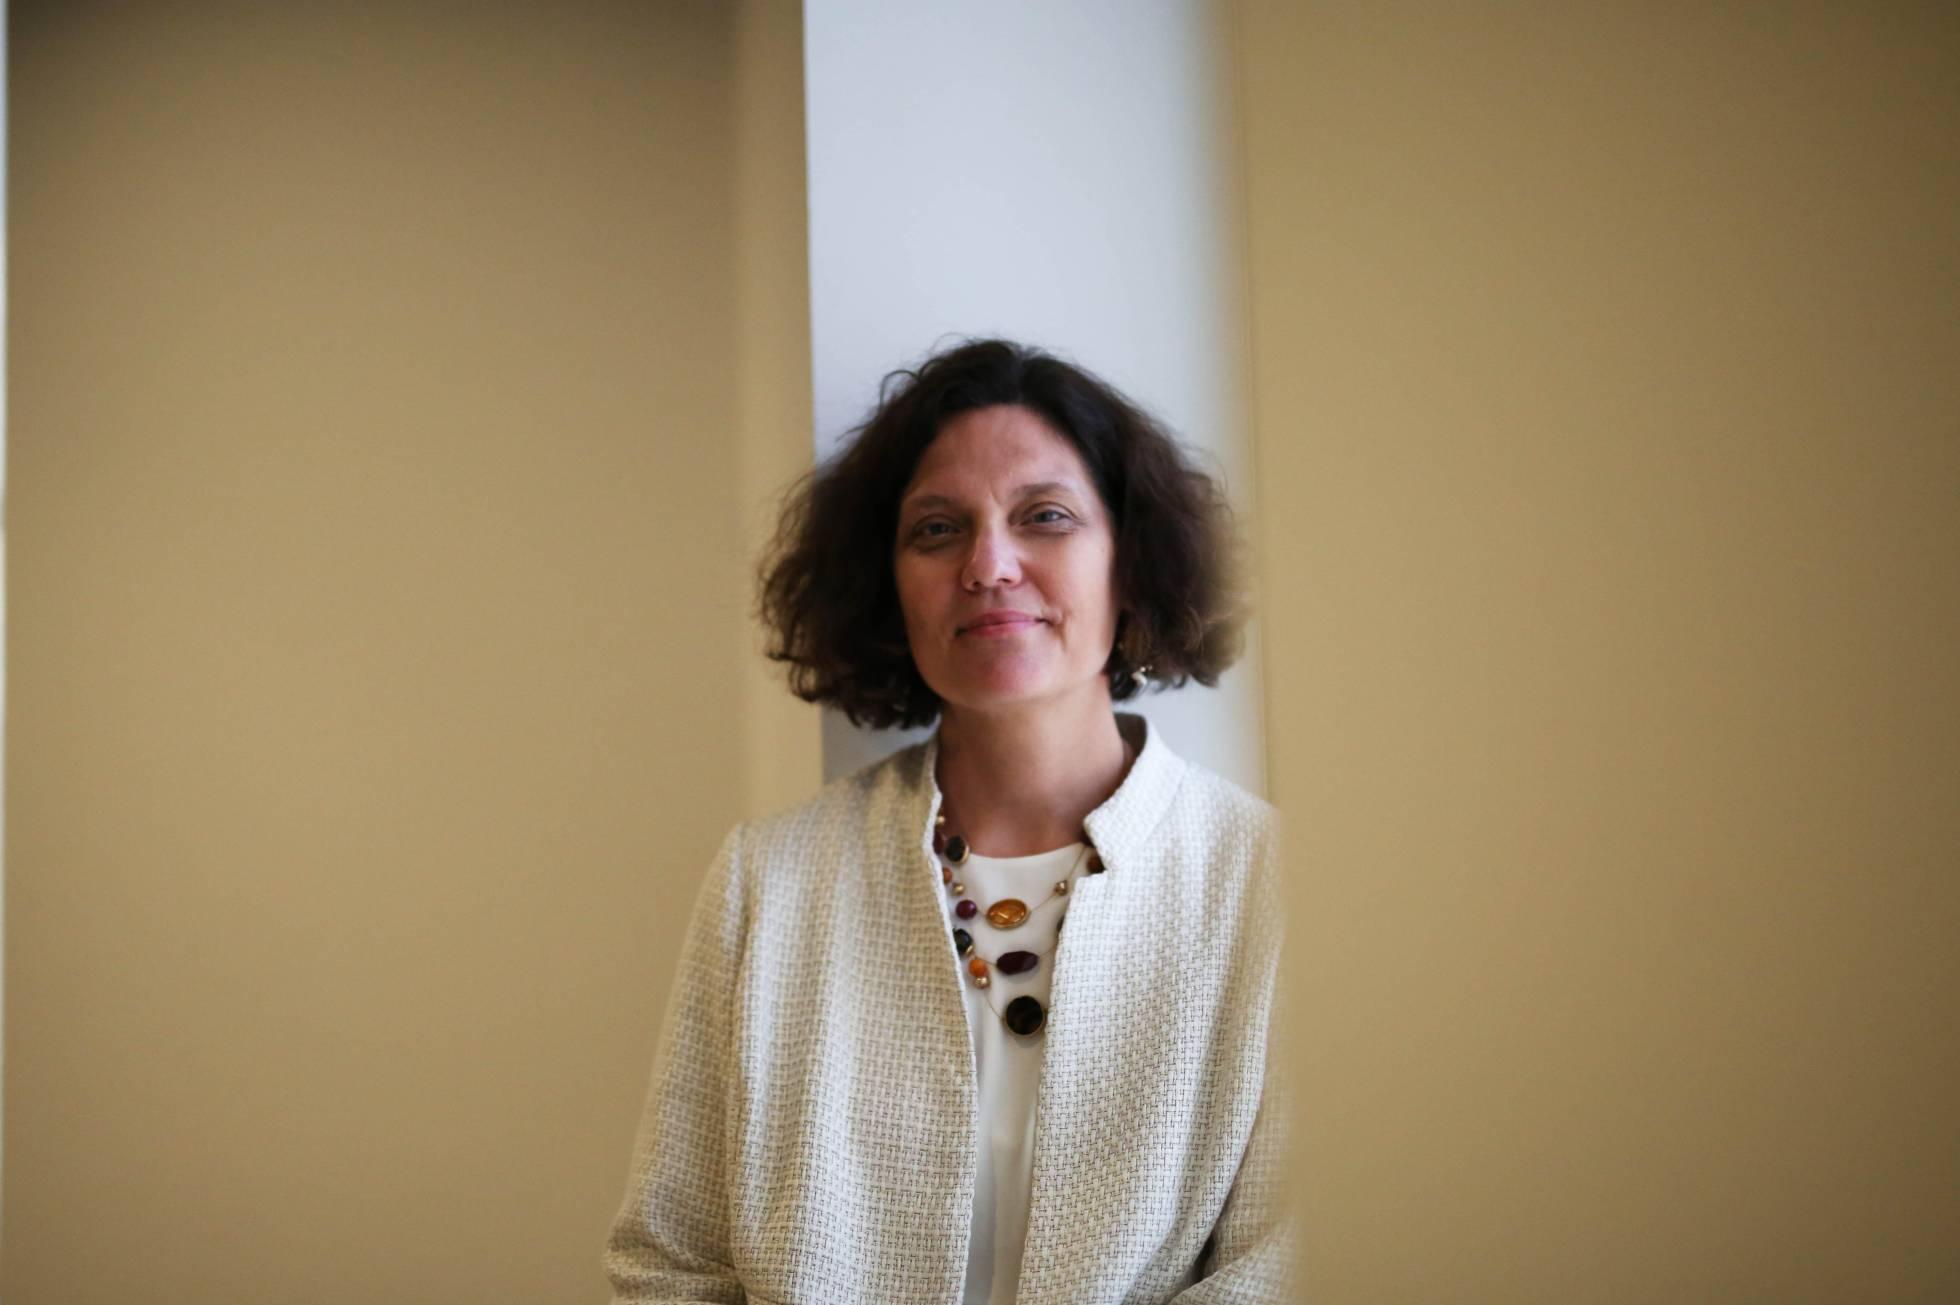 Connie Yowell: Los colegios no son lugares para probar nuevas metodologías (El País)